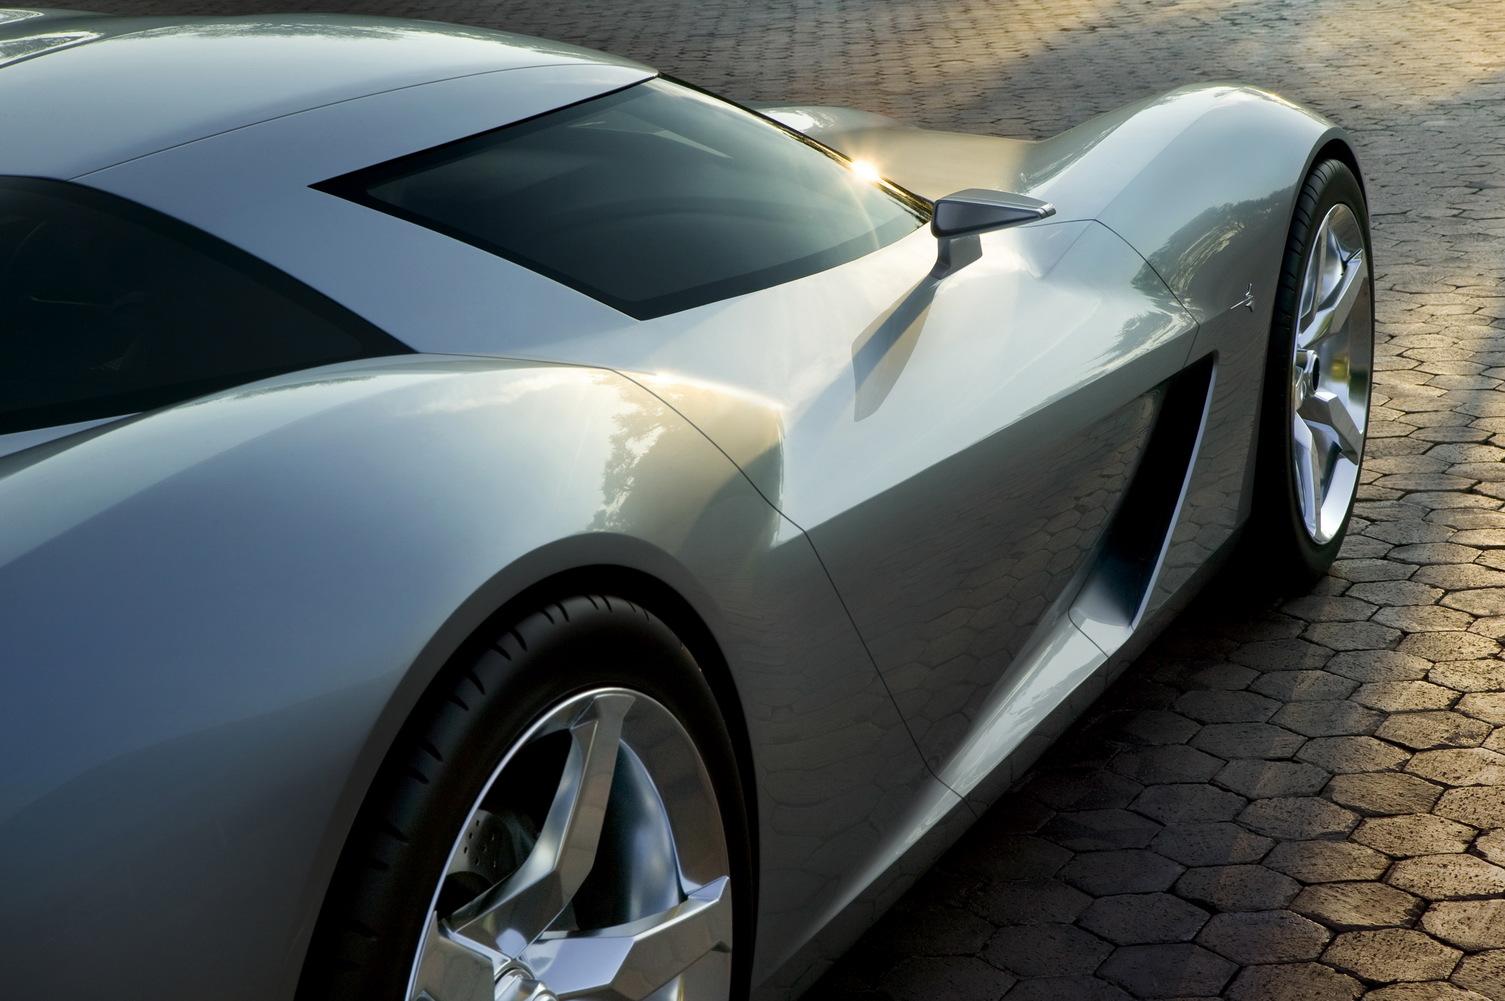 Chevrolet-Corvette-Sideswipe-7.jpg